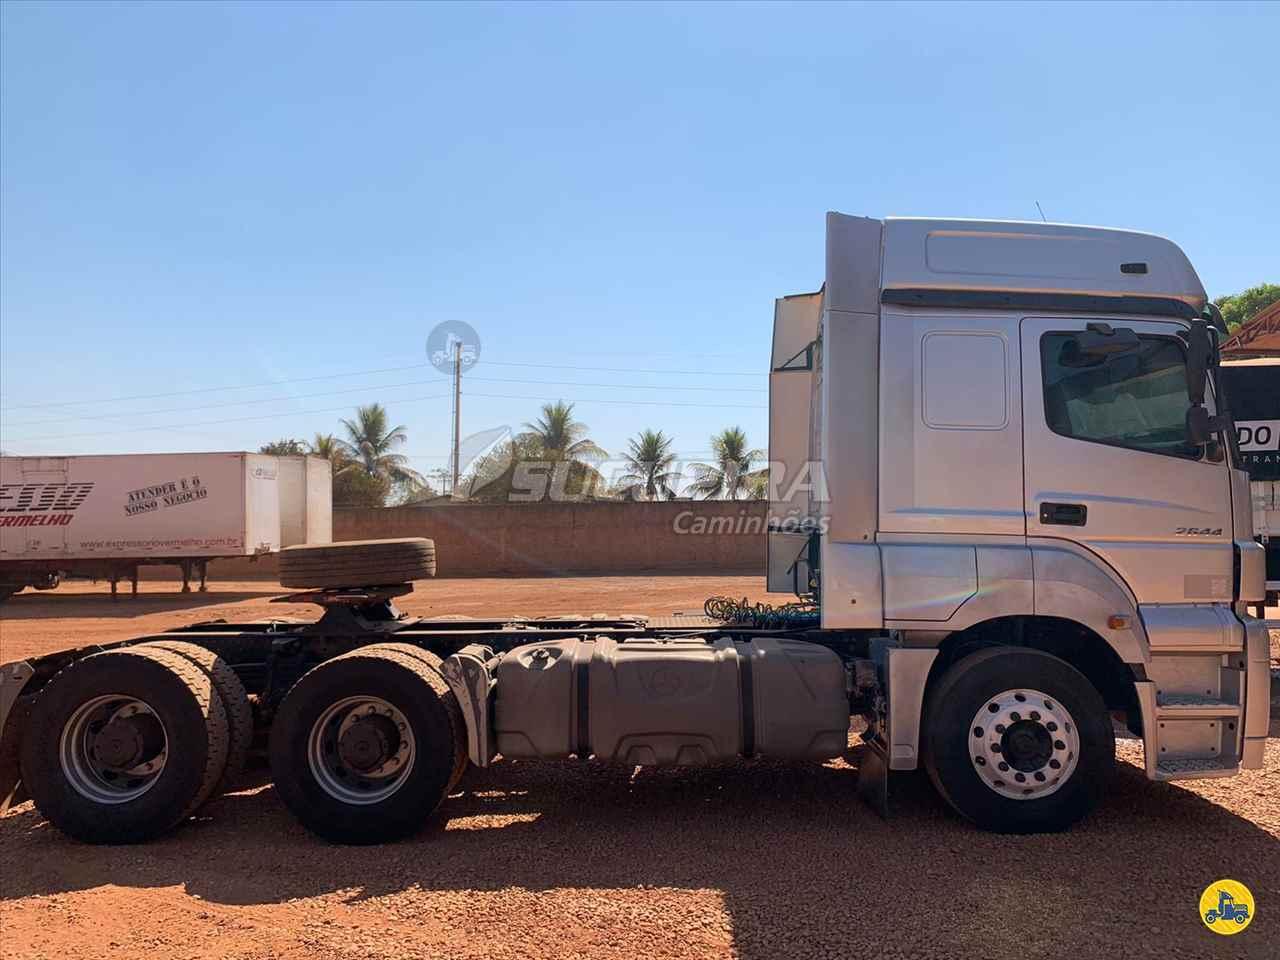 MB 2644 de Sucupira Caminhões - RONDONOPOLIS/MT